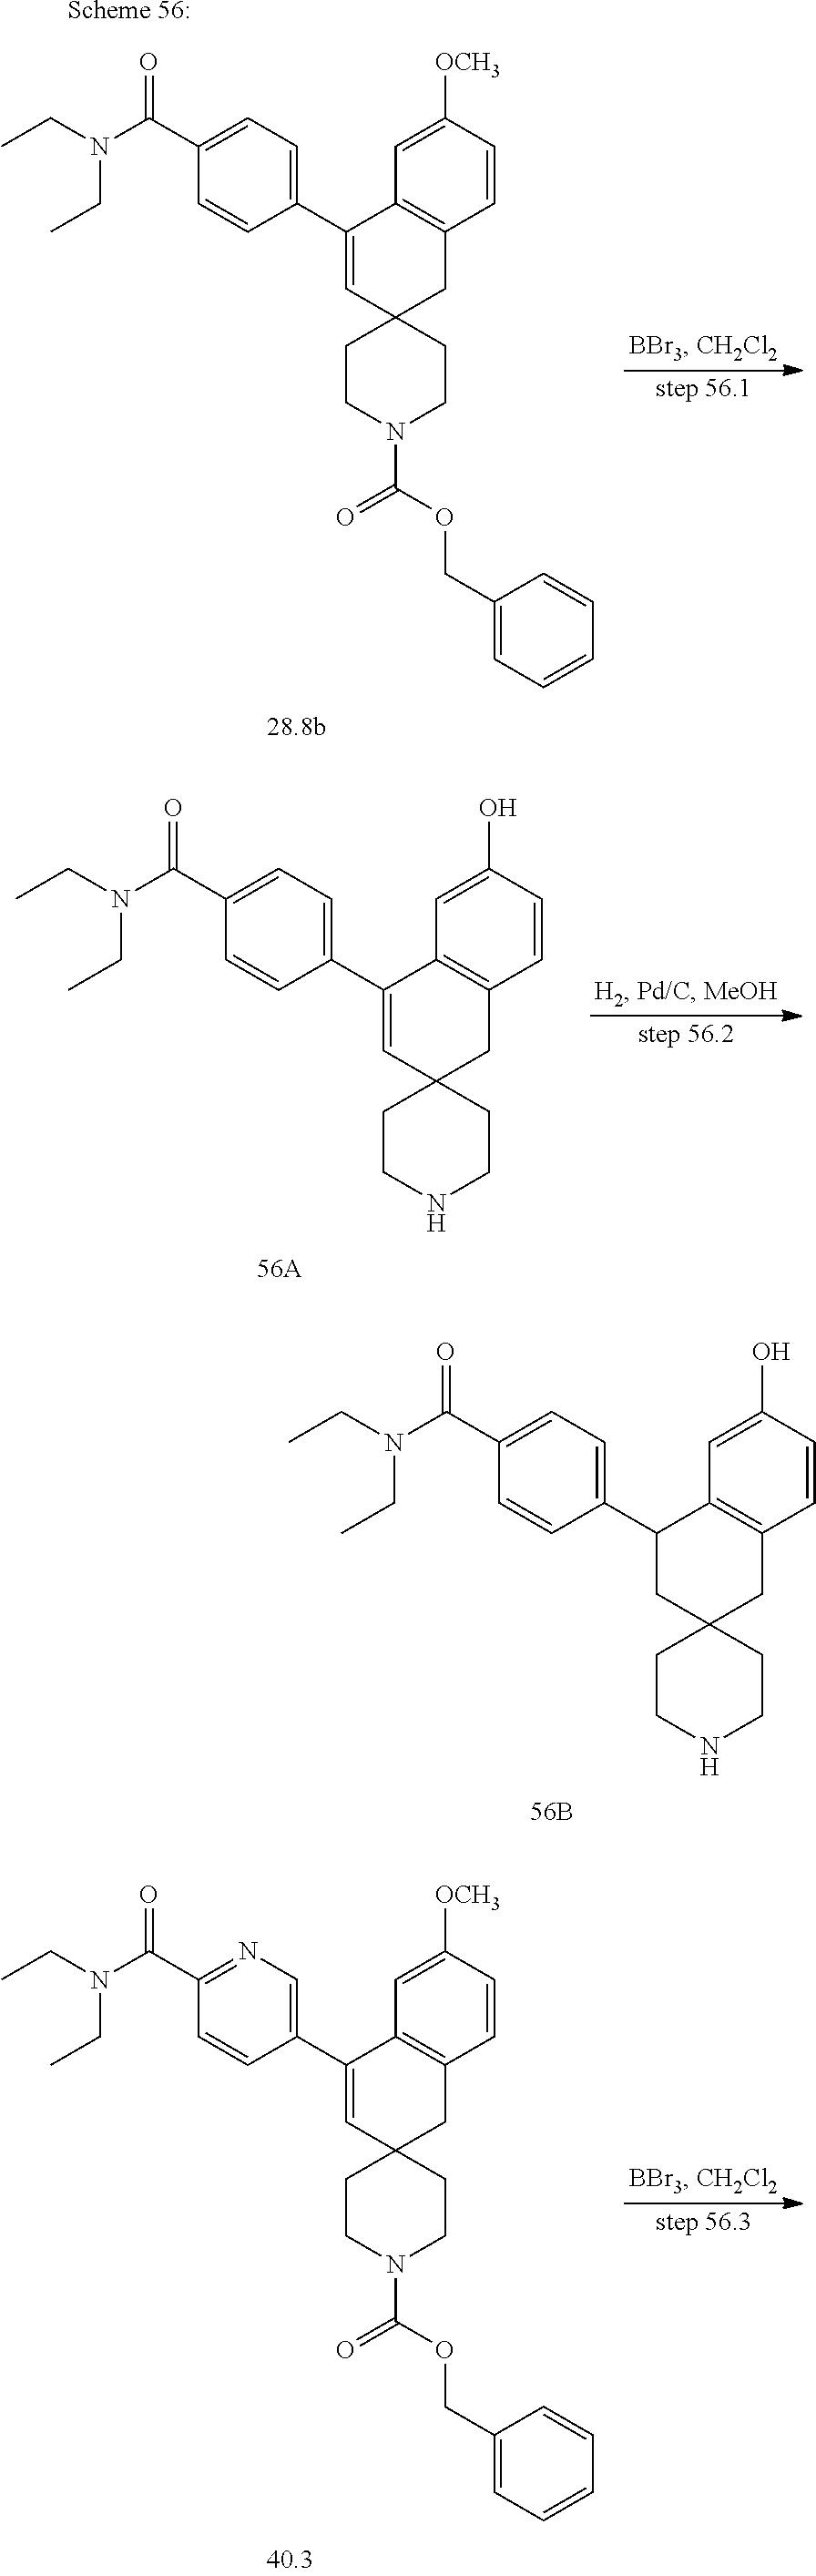 Figure US20100029614A1-20100204-C00260